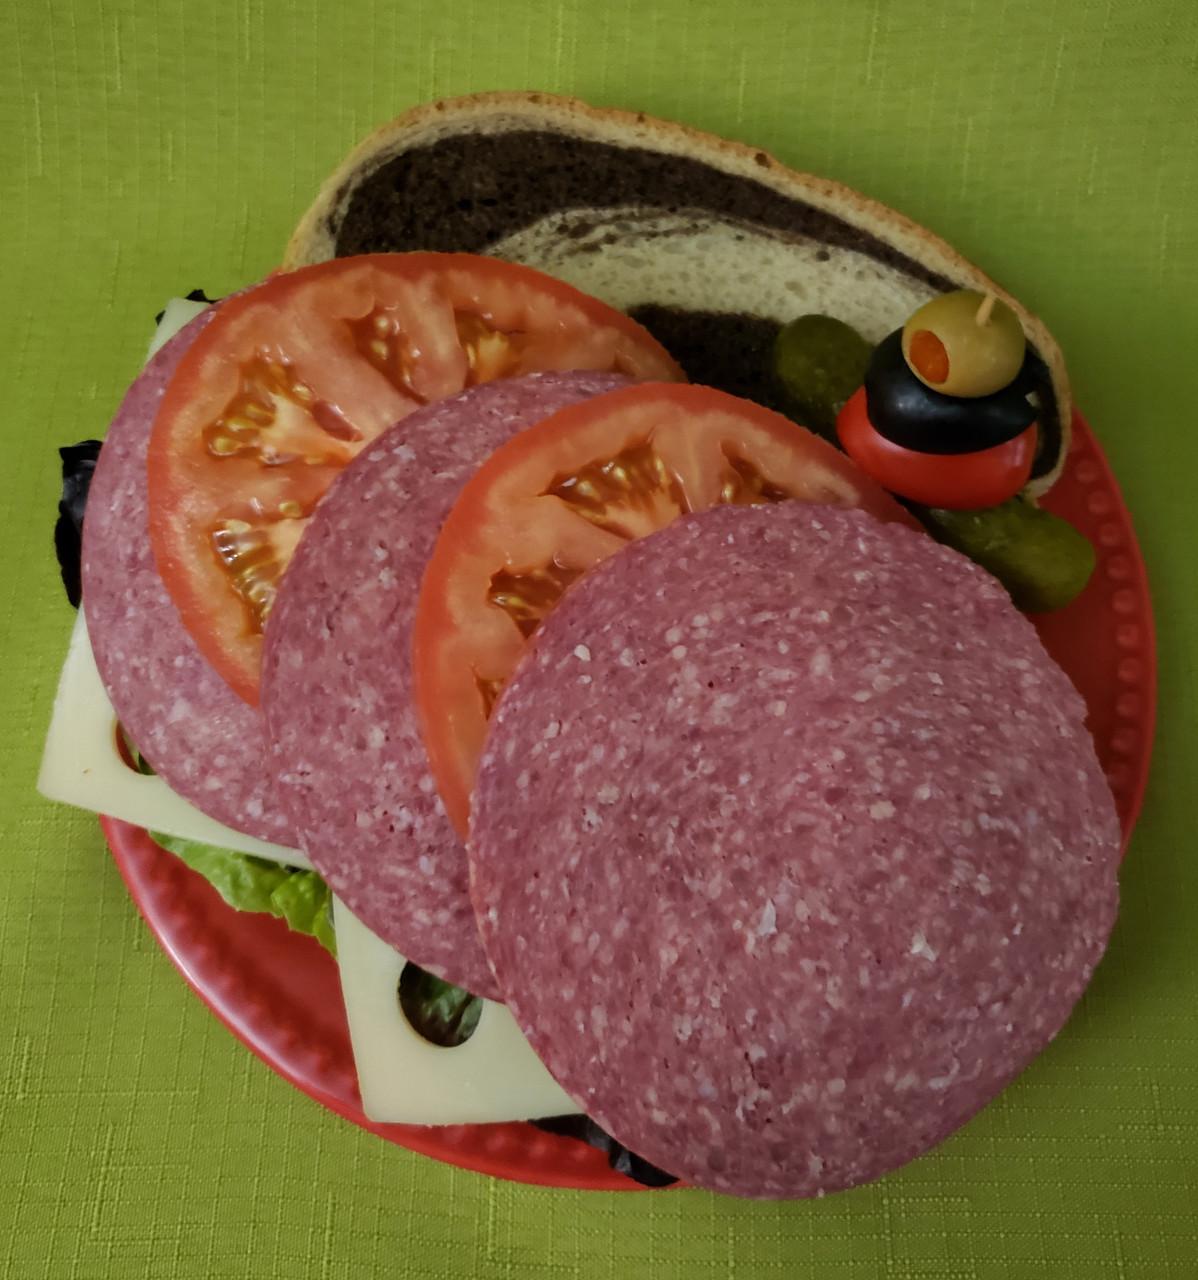 Sandwich sized